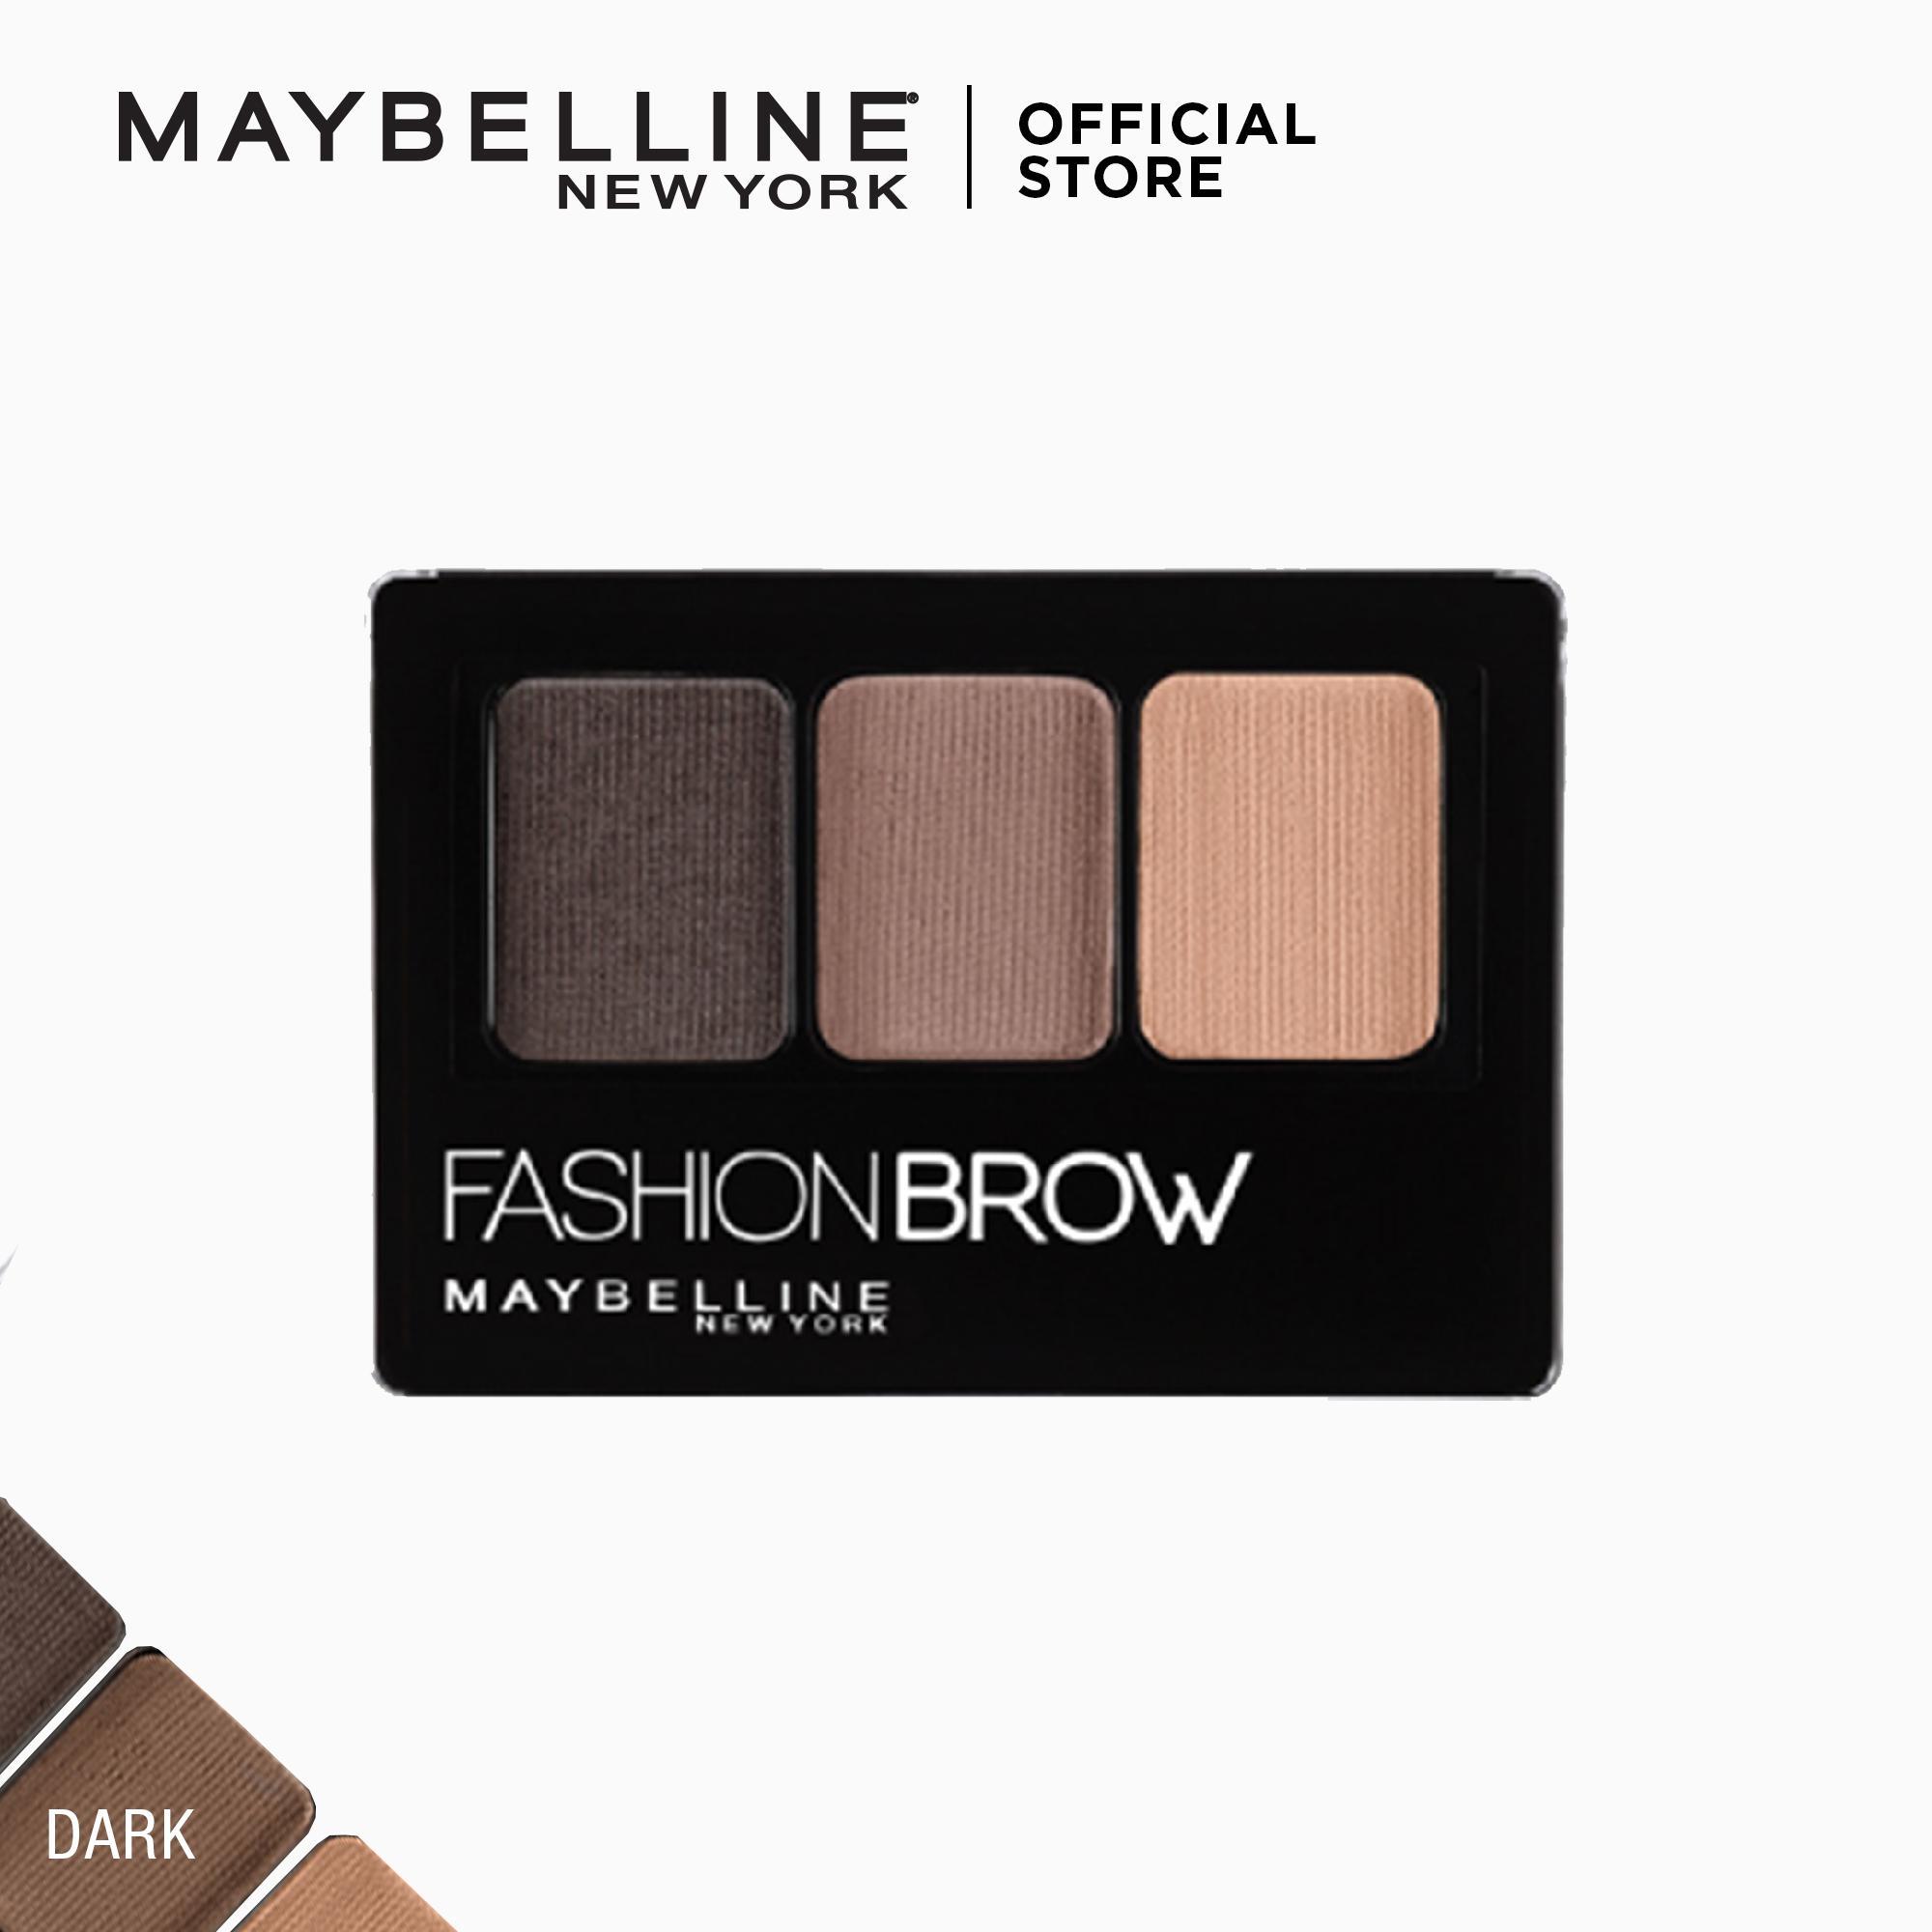 Maybelline Fashion Brow Palette (Dark Brown)